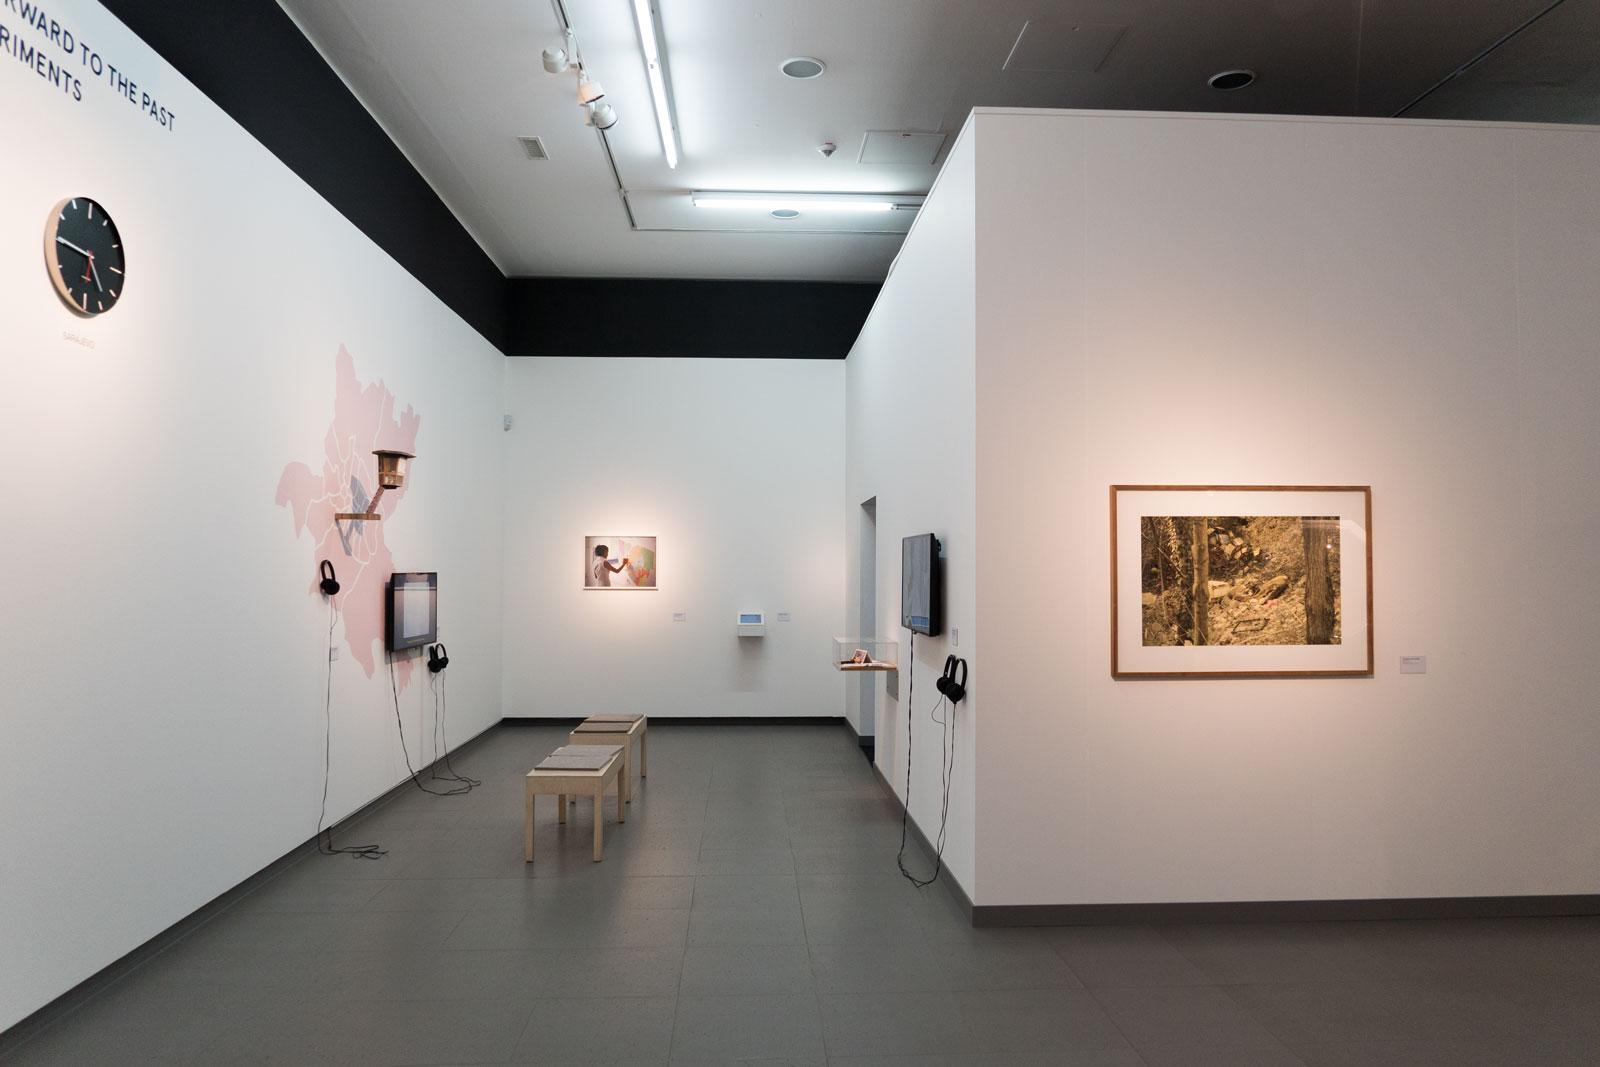 Installation View, Hörner/Antlfinger, PLANET–B, NRW-Forum Düsseldorf